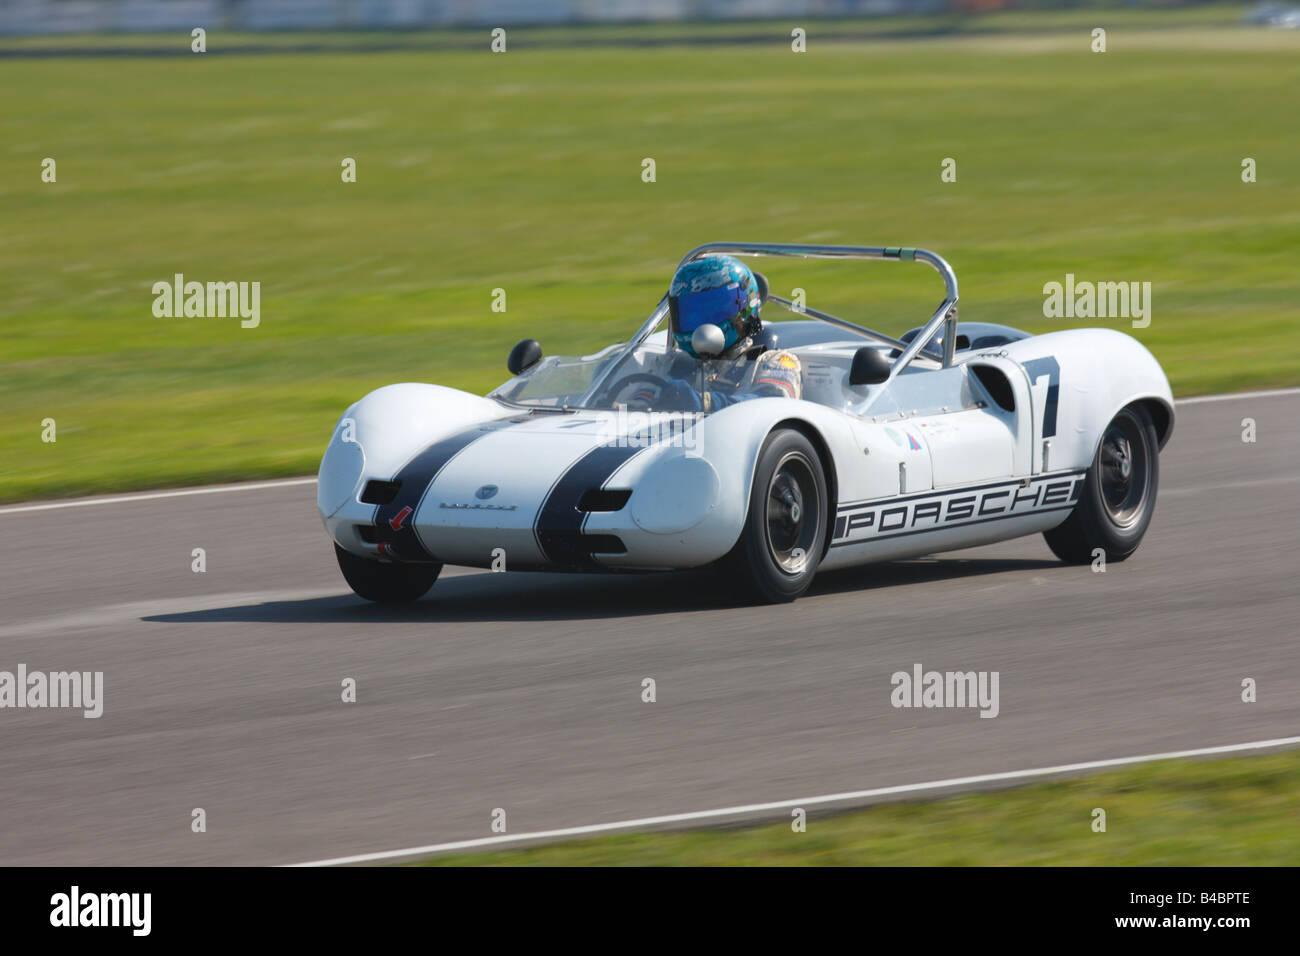 Helmut Reis fahren ein Elva-Porsche Mk7P bei Goodwood Revival Meeting 2008 Stockbild